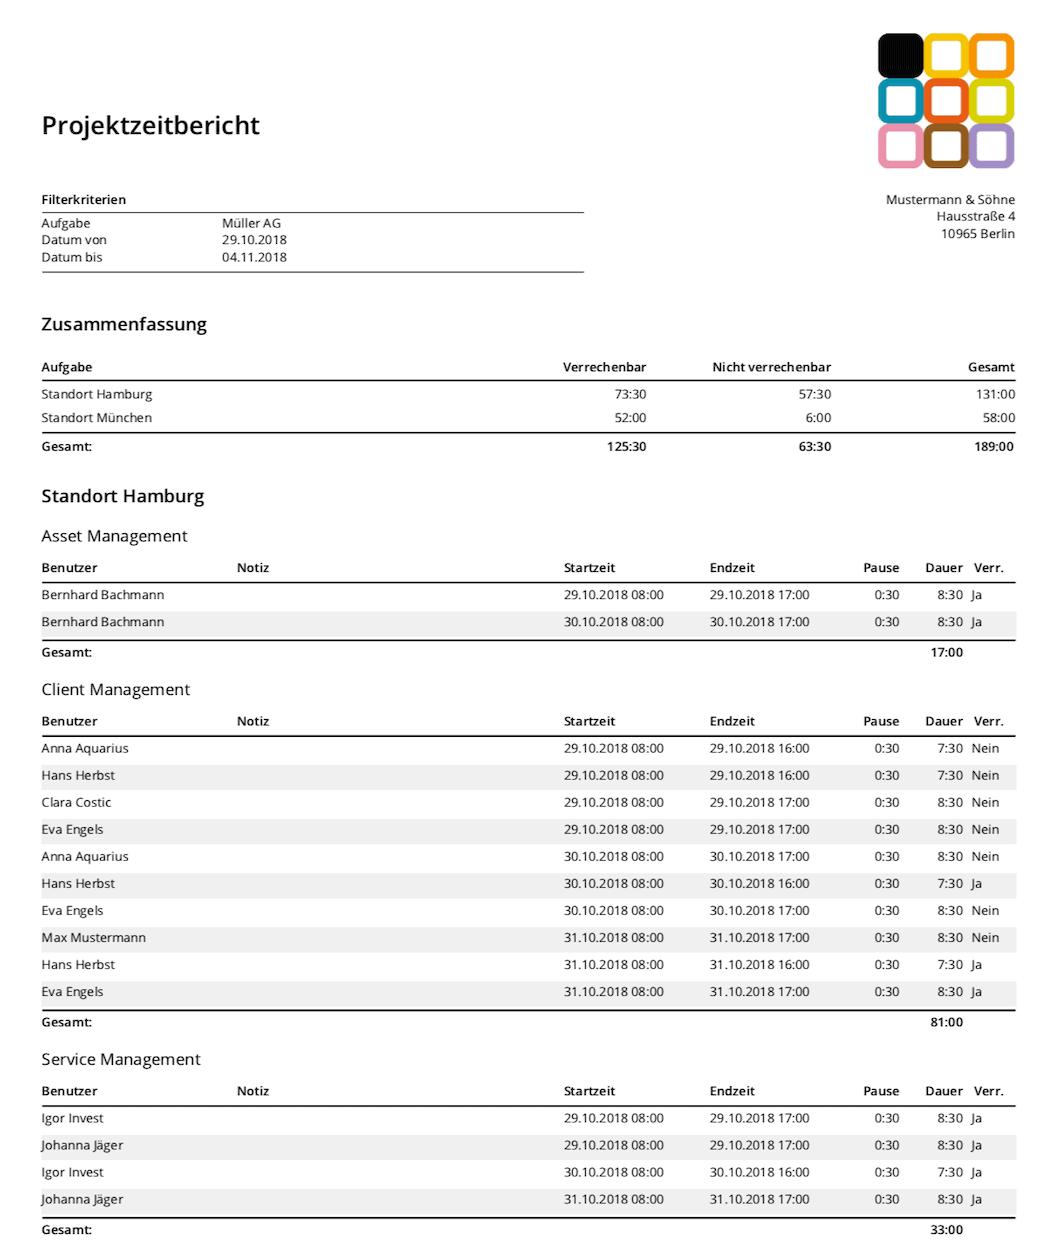 timr Projektzeitbericht